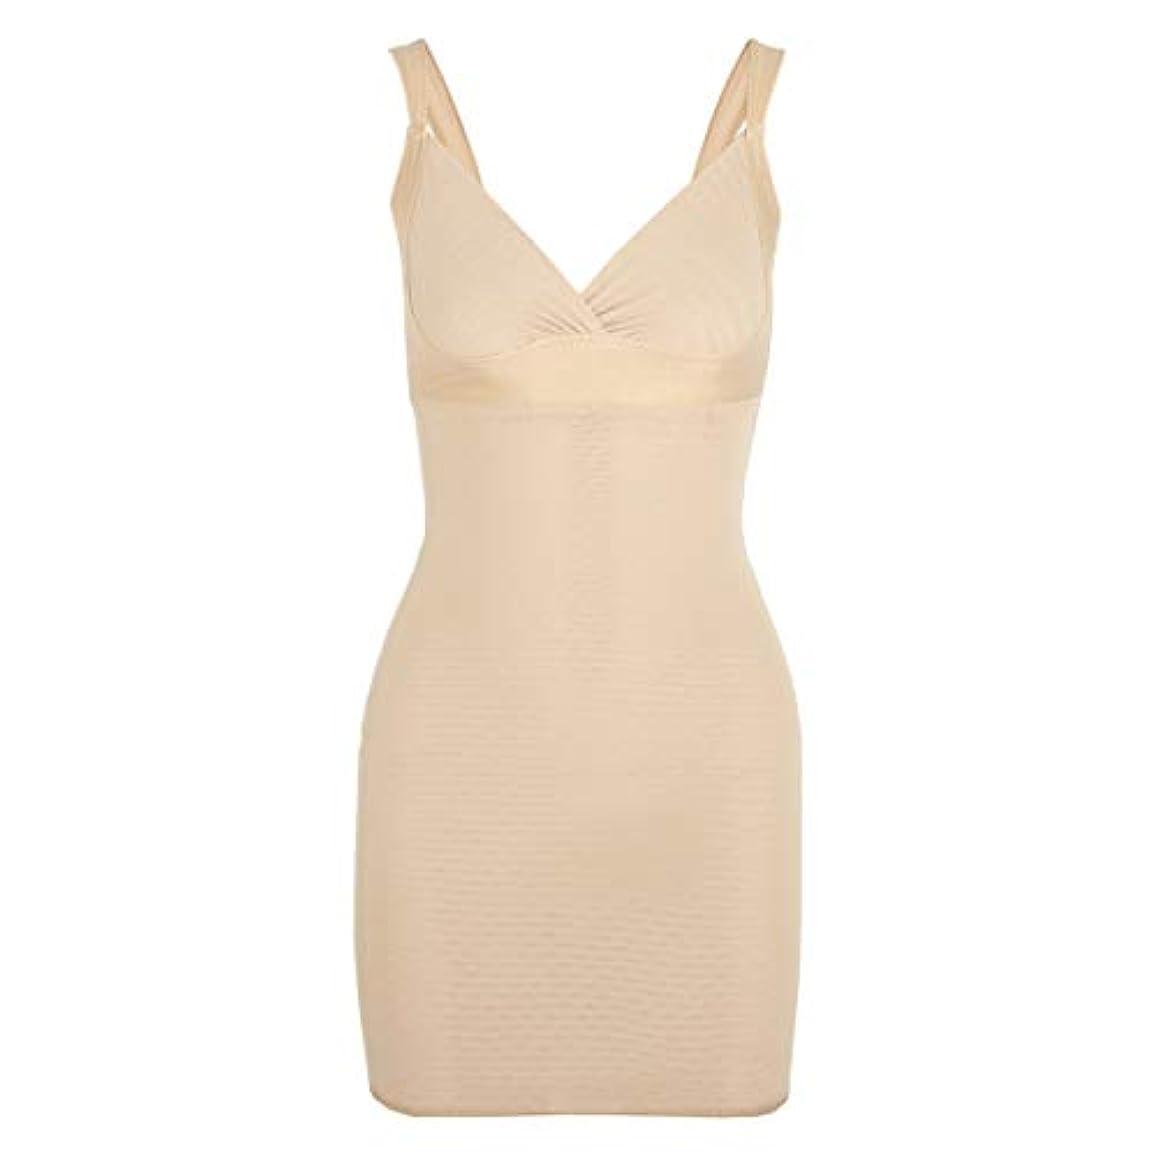 透けて見える透けて見える増強する女性のポスト産後Post身下着シェイパードレスを回復ボディスーツシェイプウェアウエストコルセットガードル-アプリコット-XL